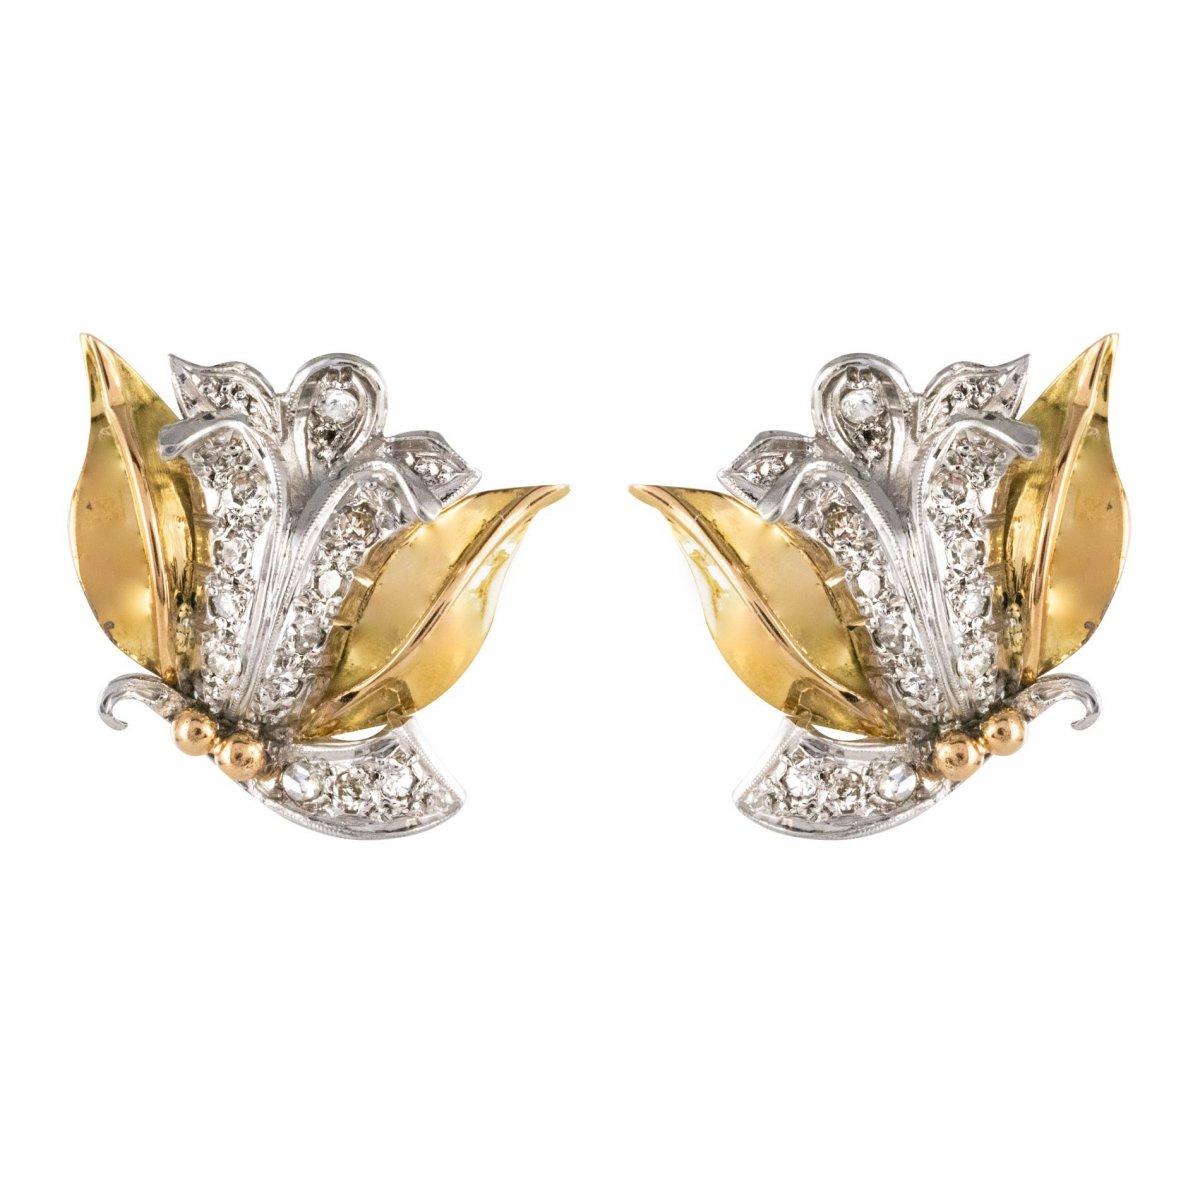 Vintage Flowers Diamond Earrings